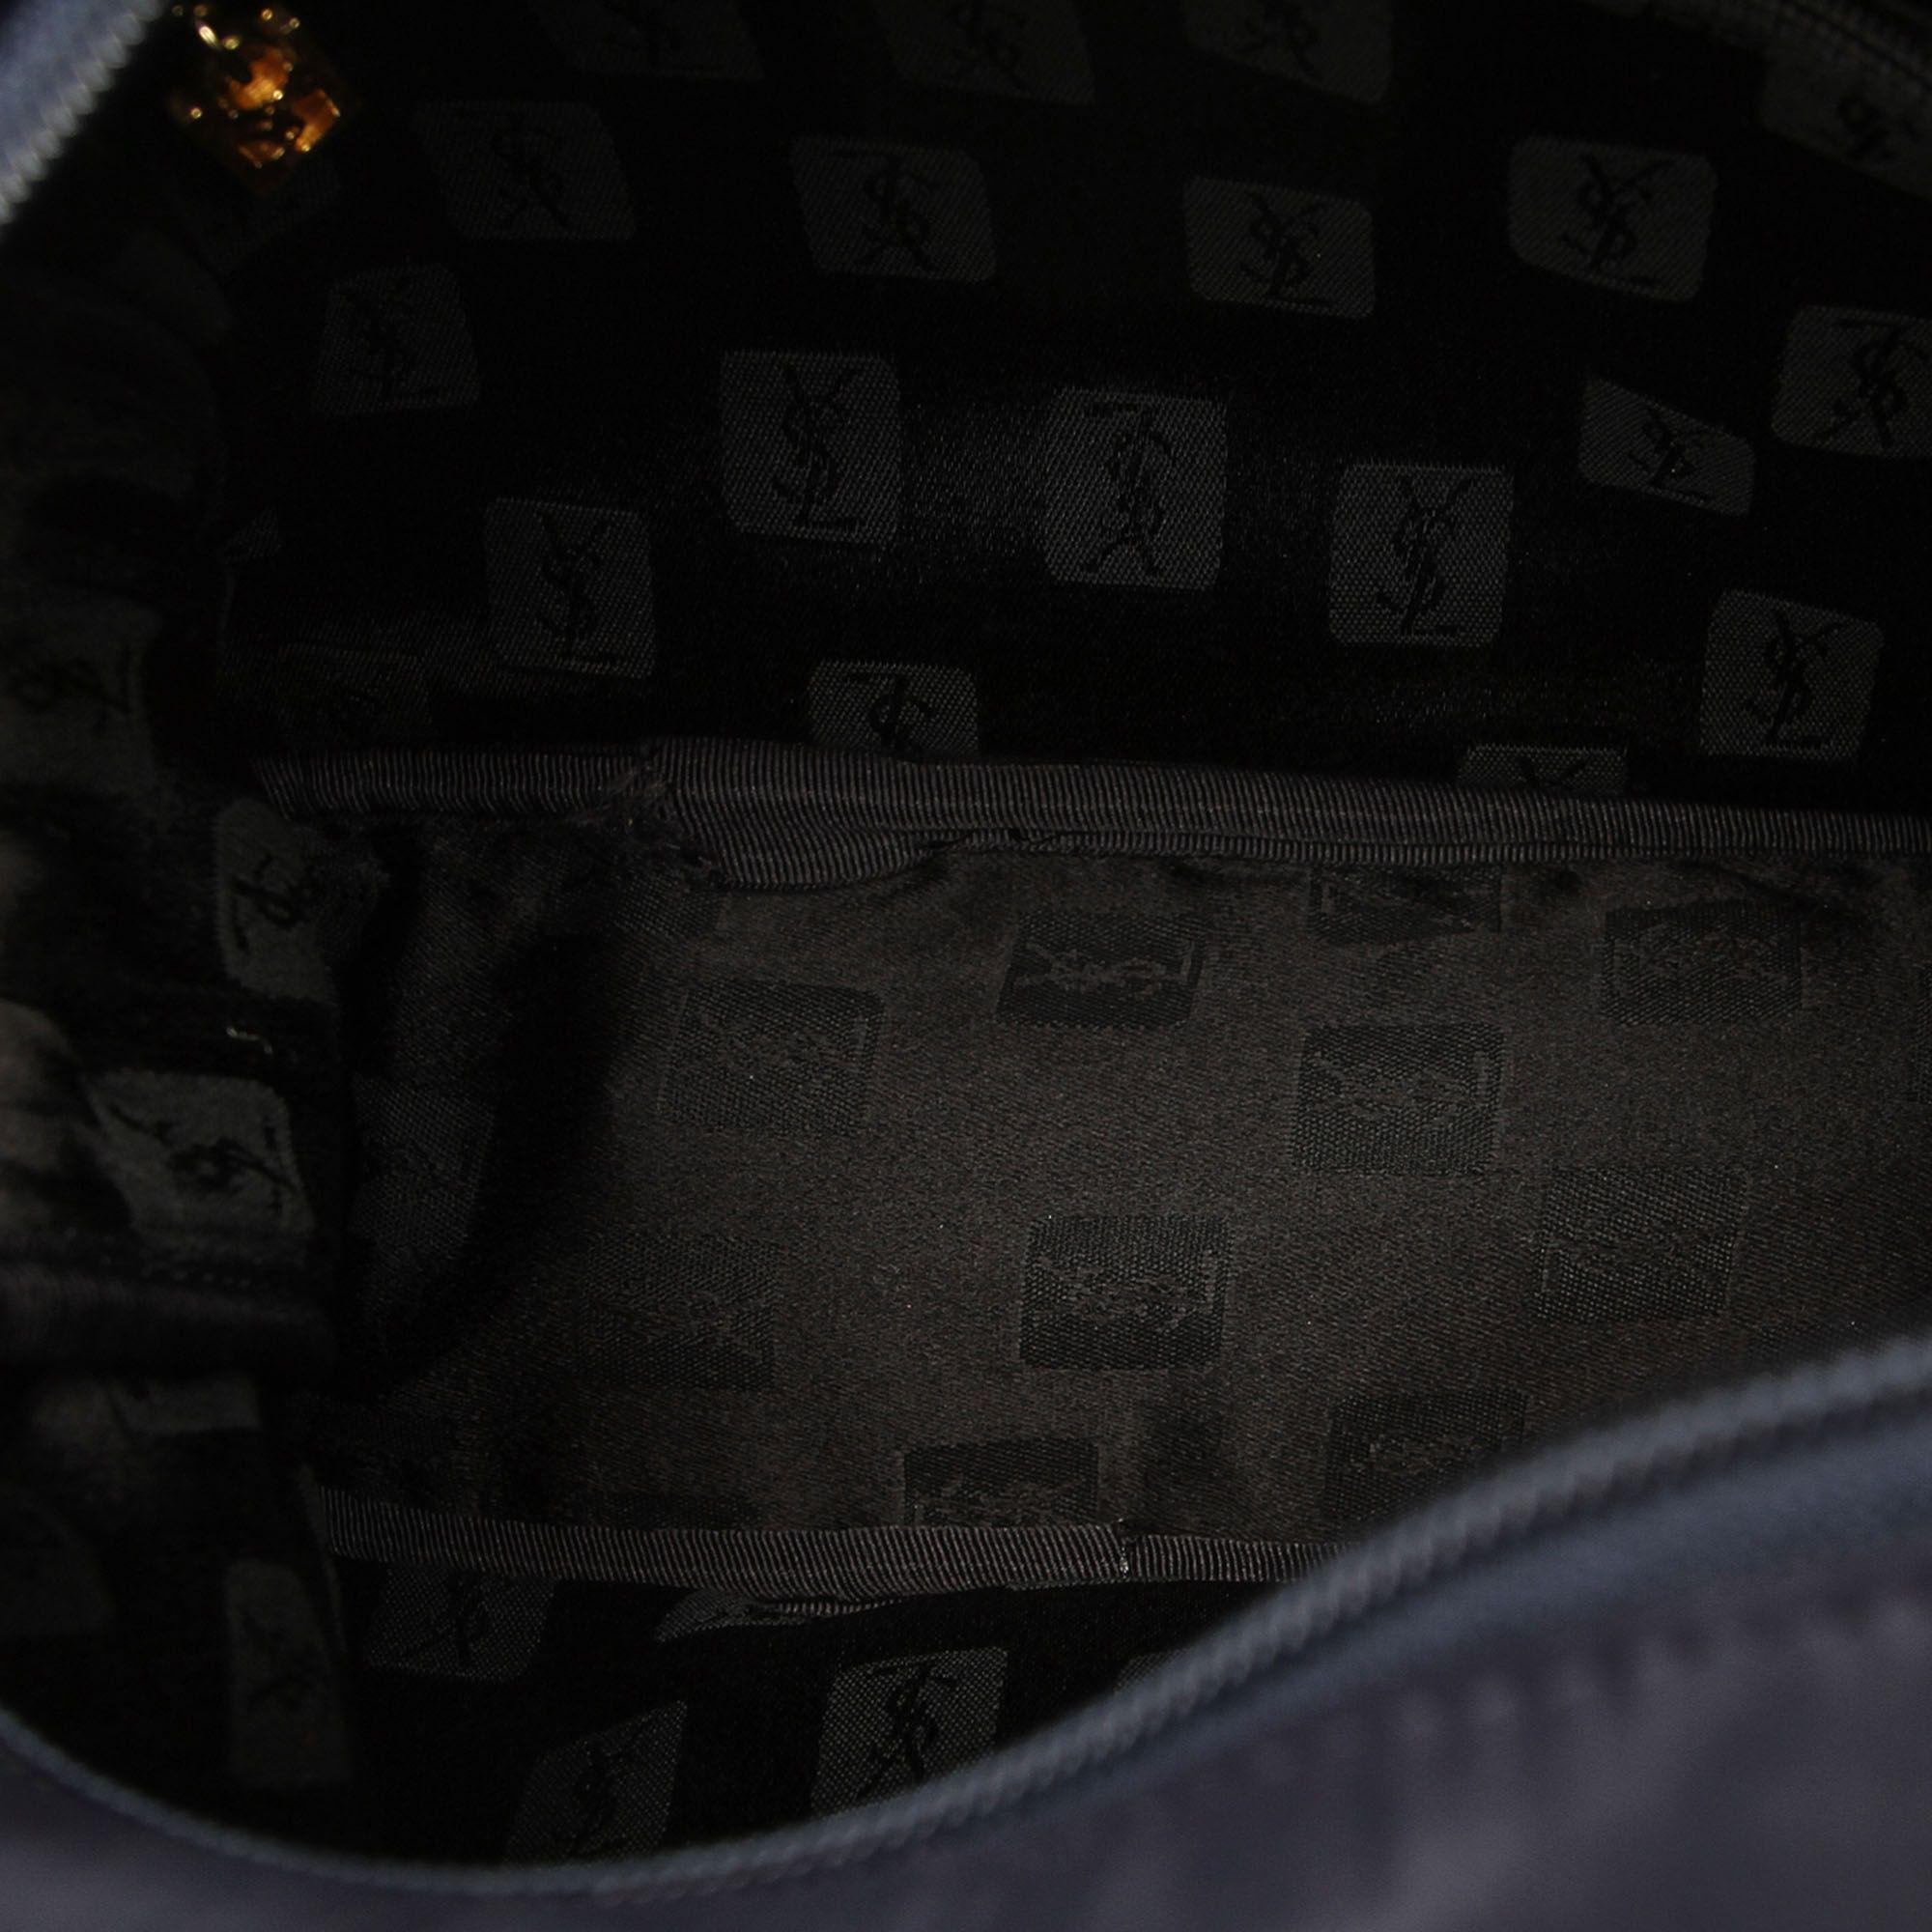 Vintage YSL Leather Shoulder Bag Black